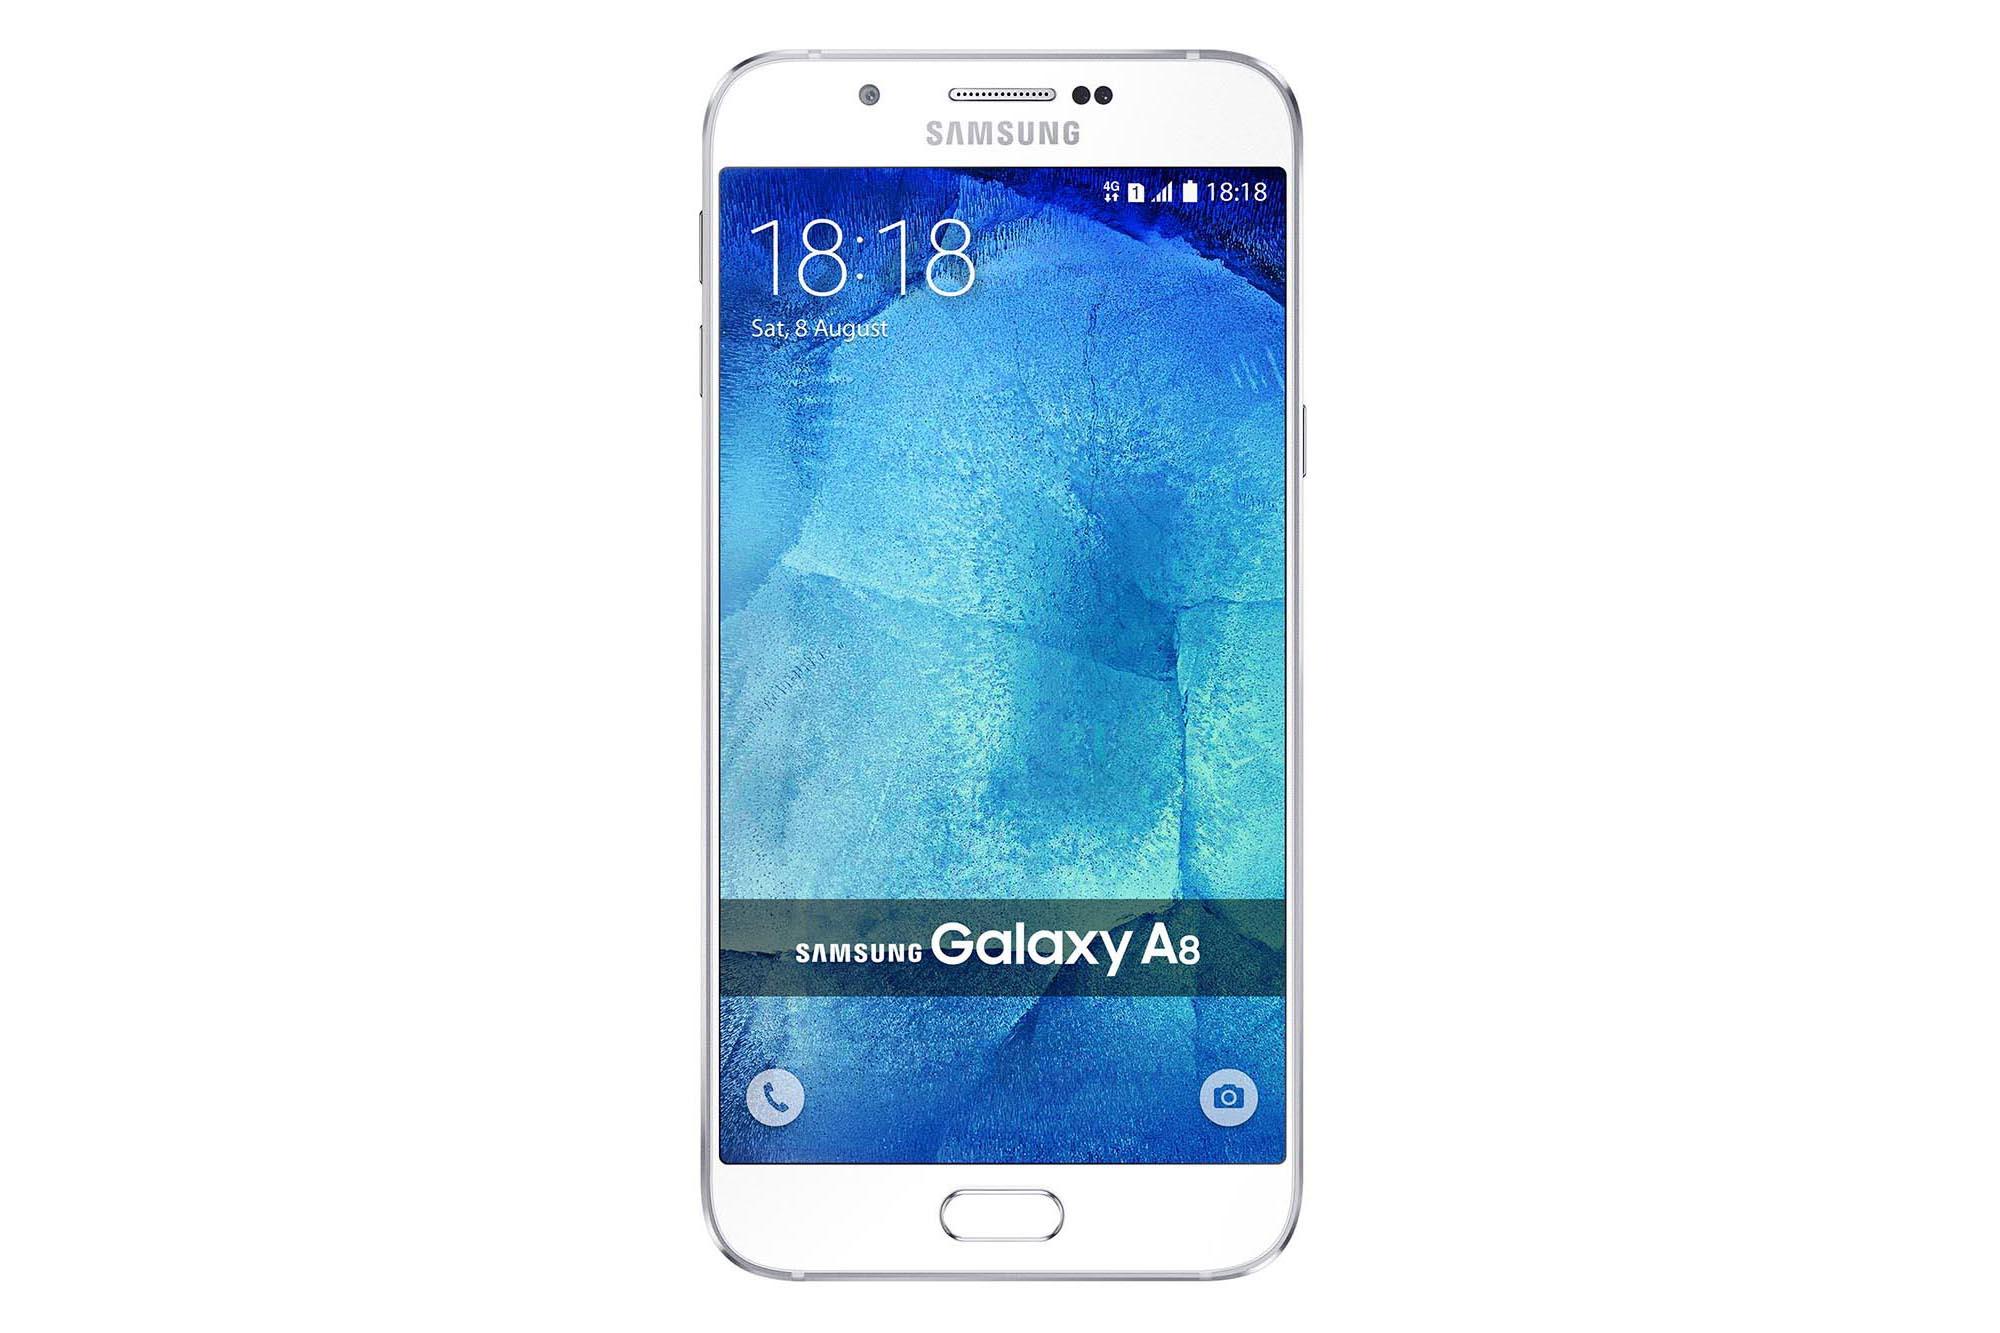 夠薄夠長氣支援指紋   Galaxy A8 搶國產機市場